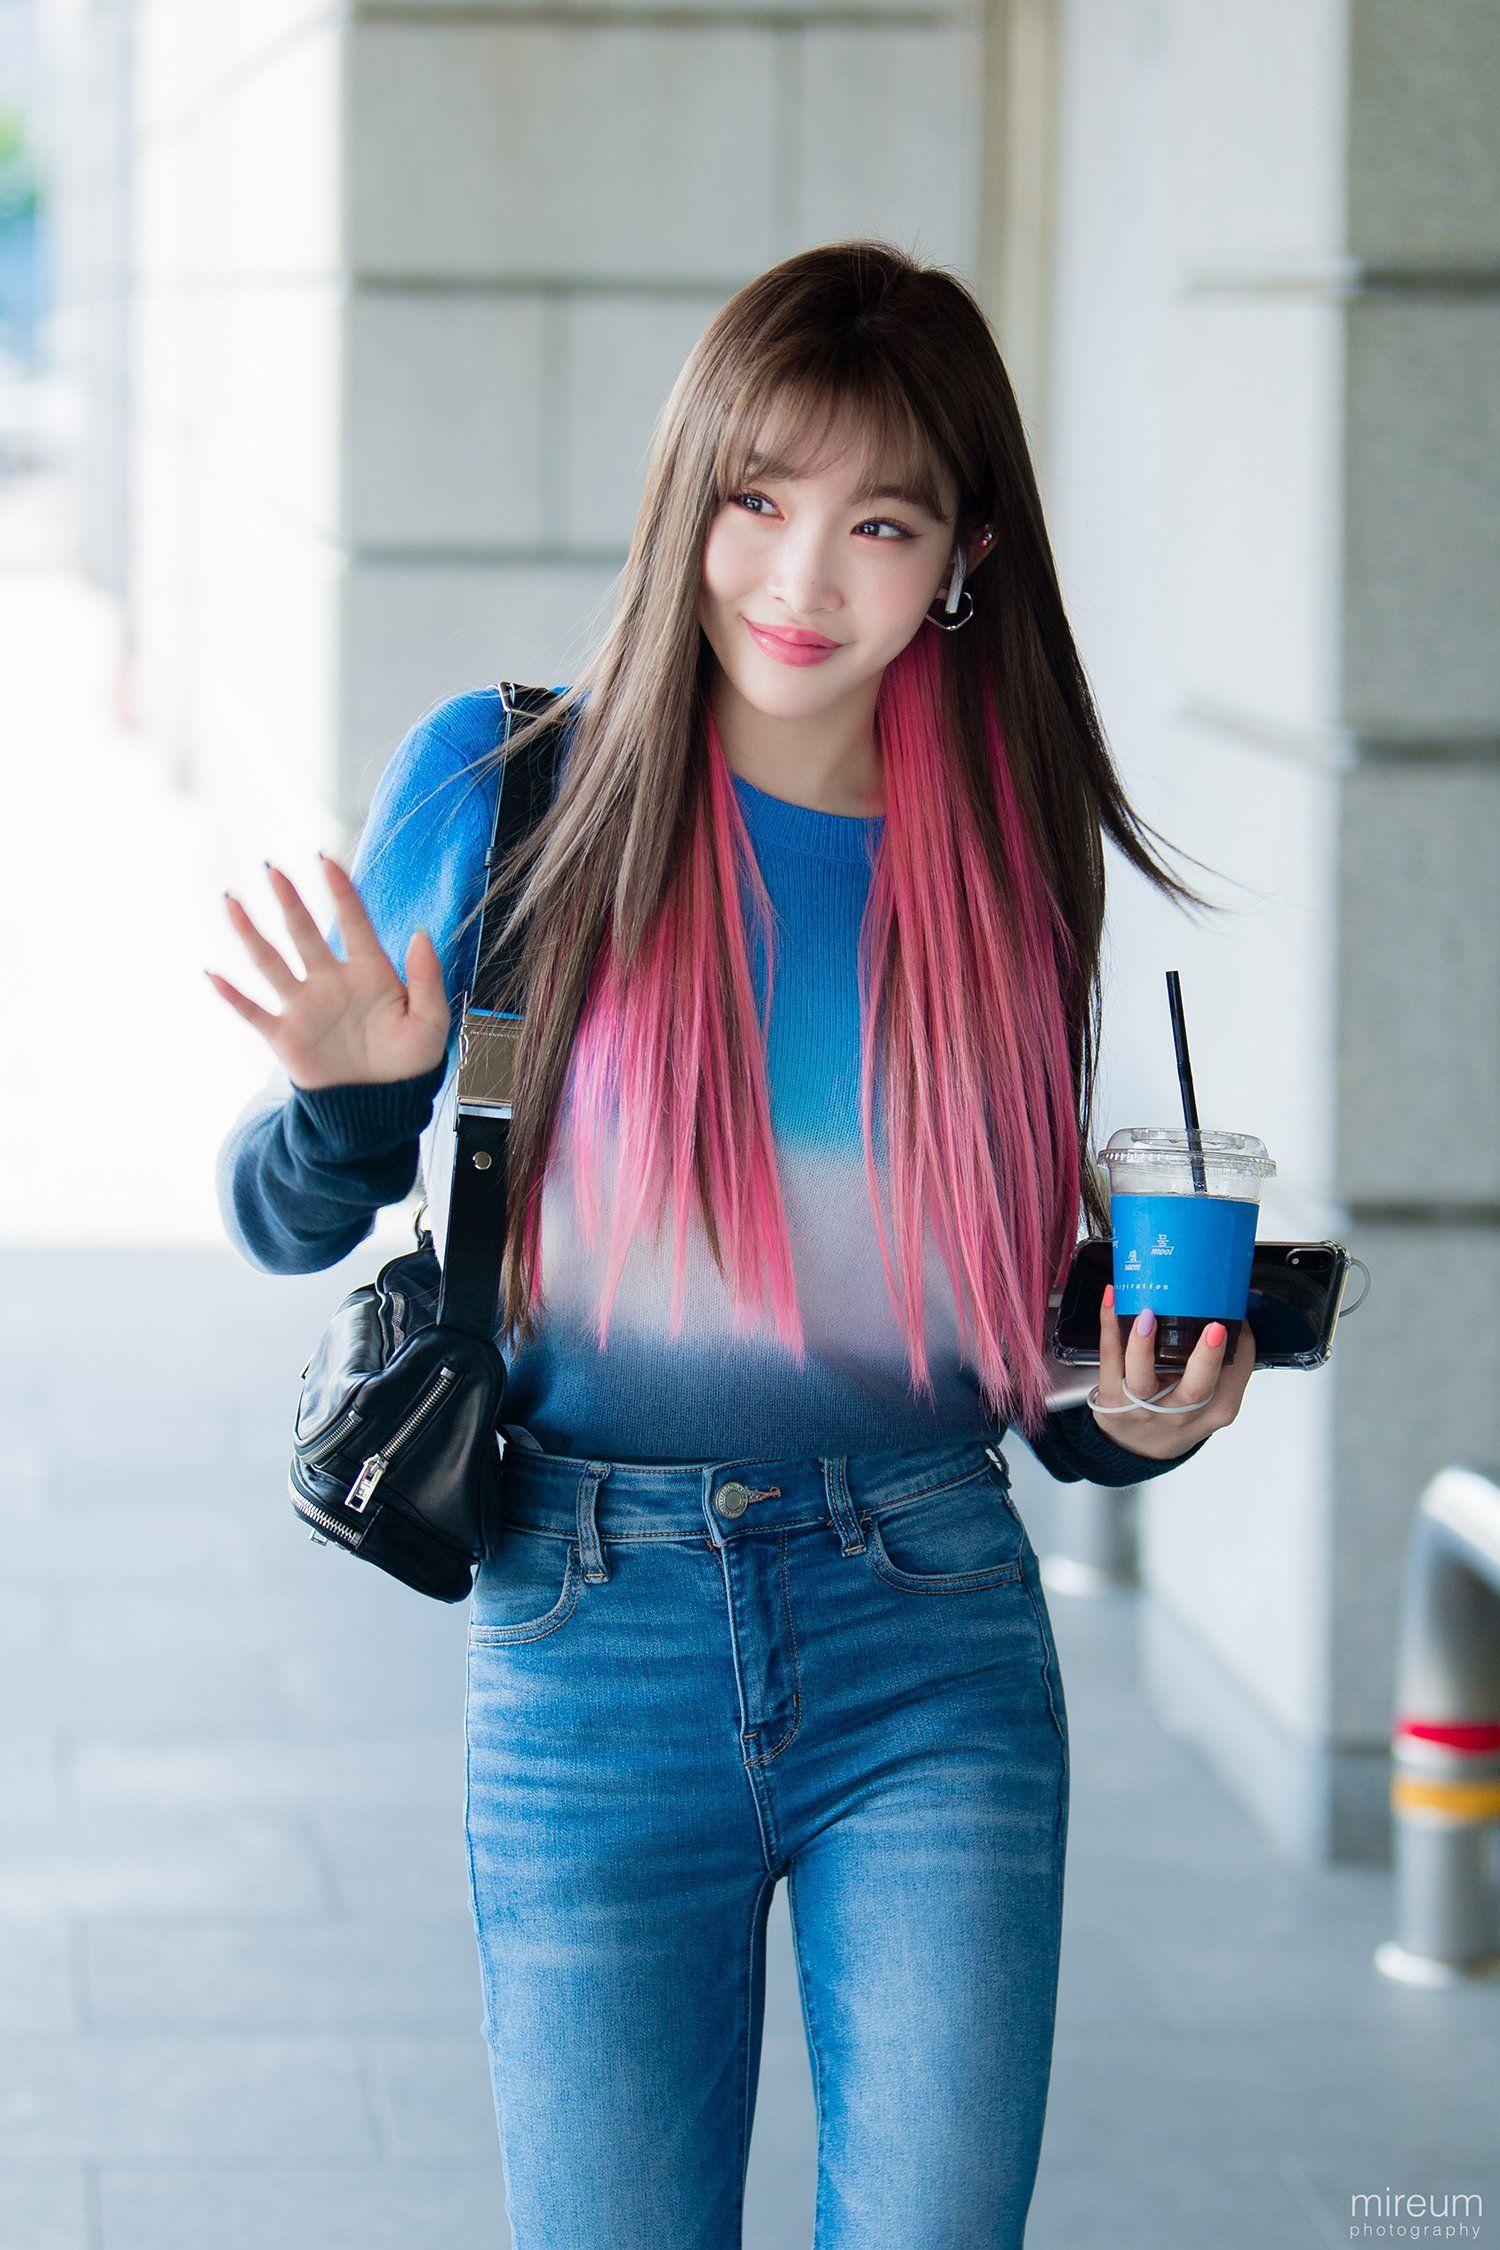 Chungha kpop kdrama bts exo kpoparmy kpop hair